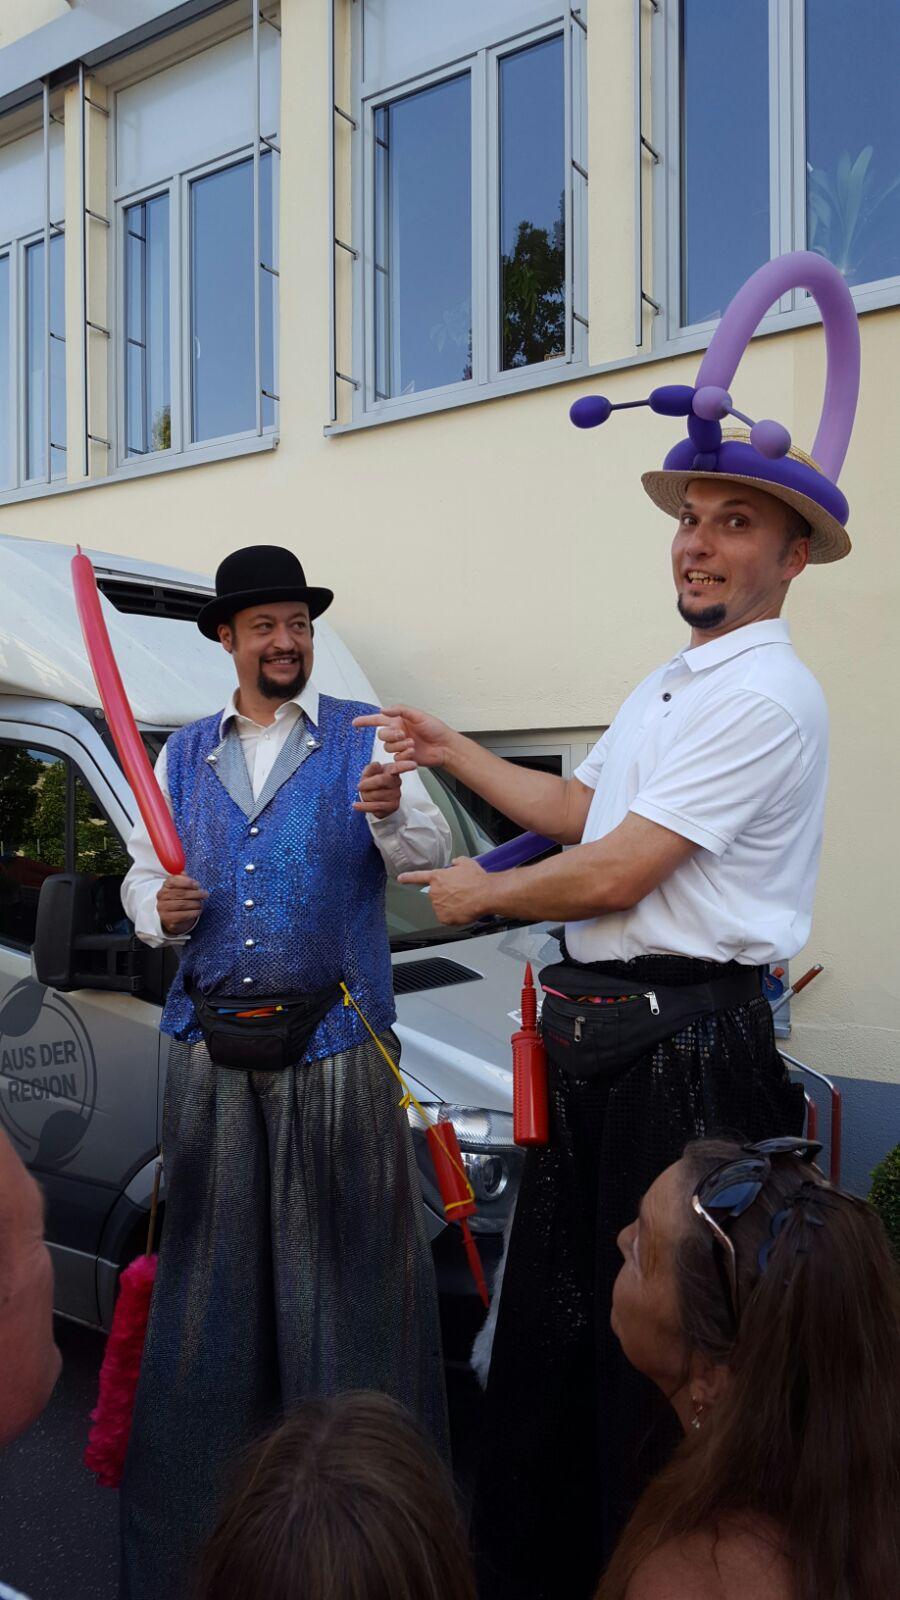 Zwei Stelzenläufer